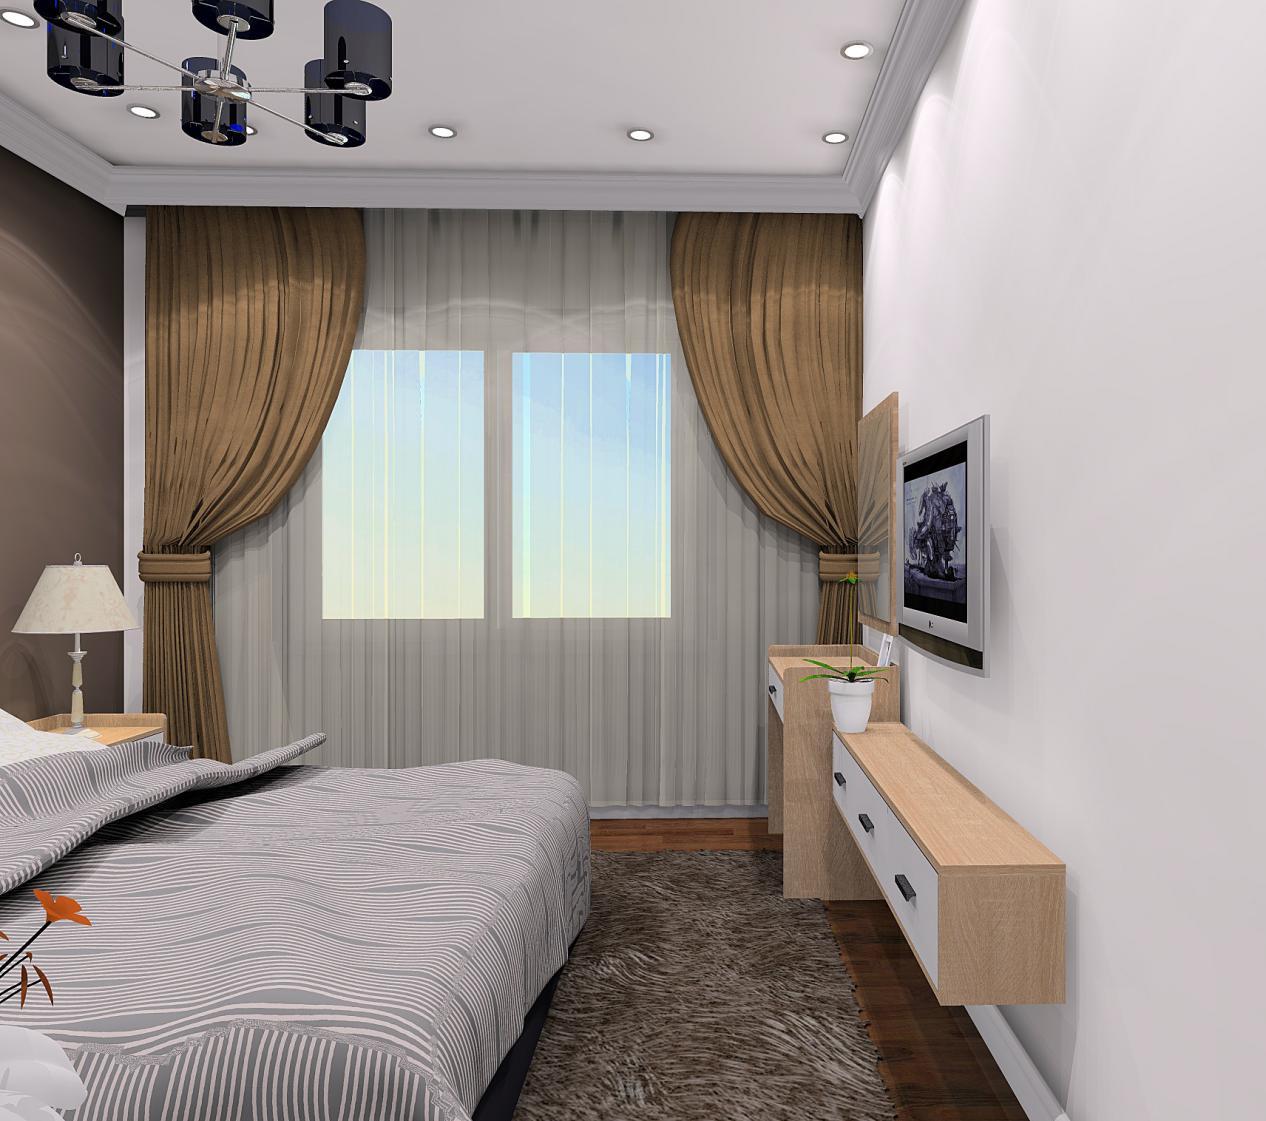 卧室整体的白色调让空间更加干净明亮,电视下方设计简洁的悬空收纳柜并不会给空间增加负担。